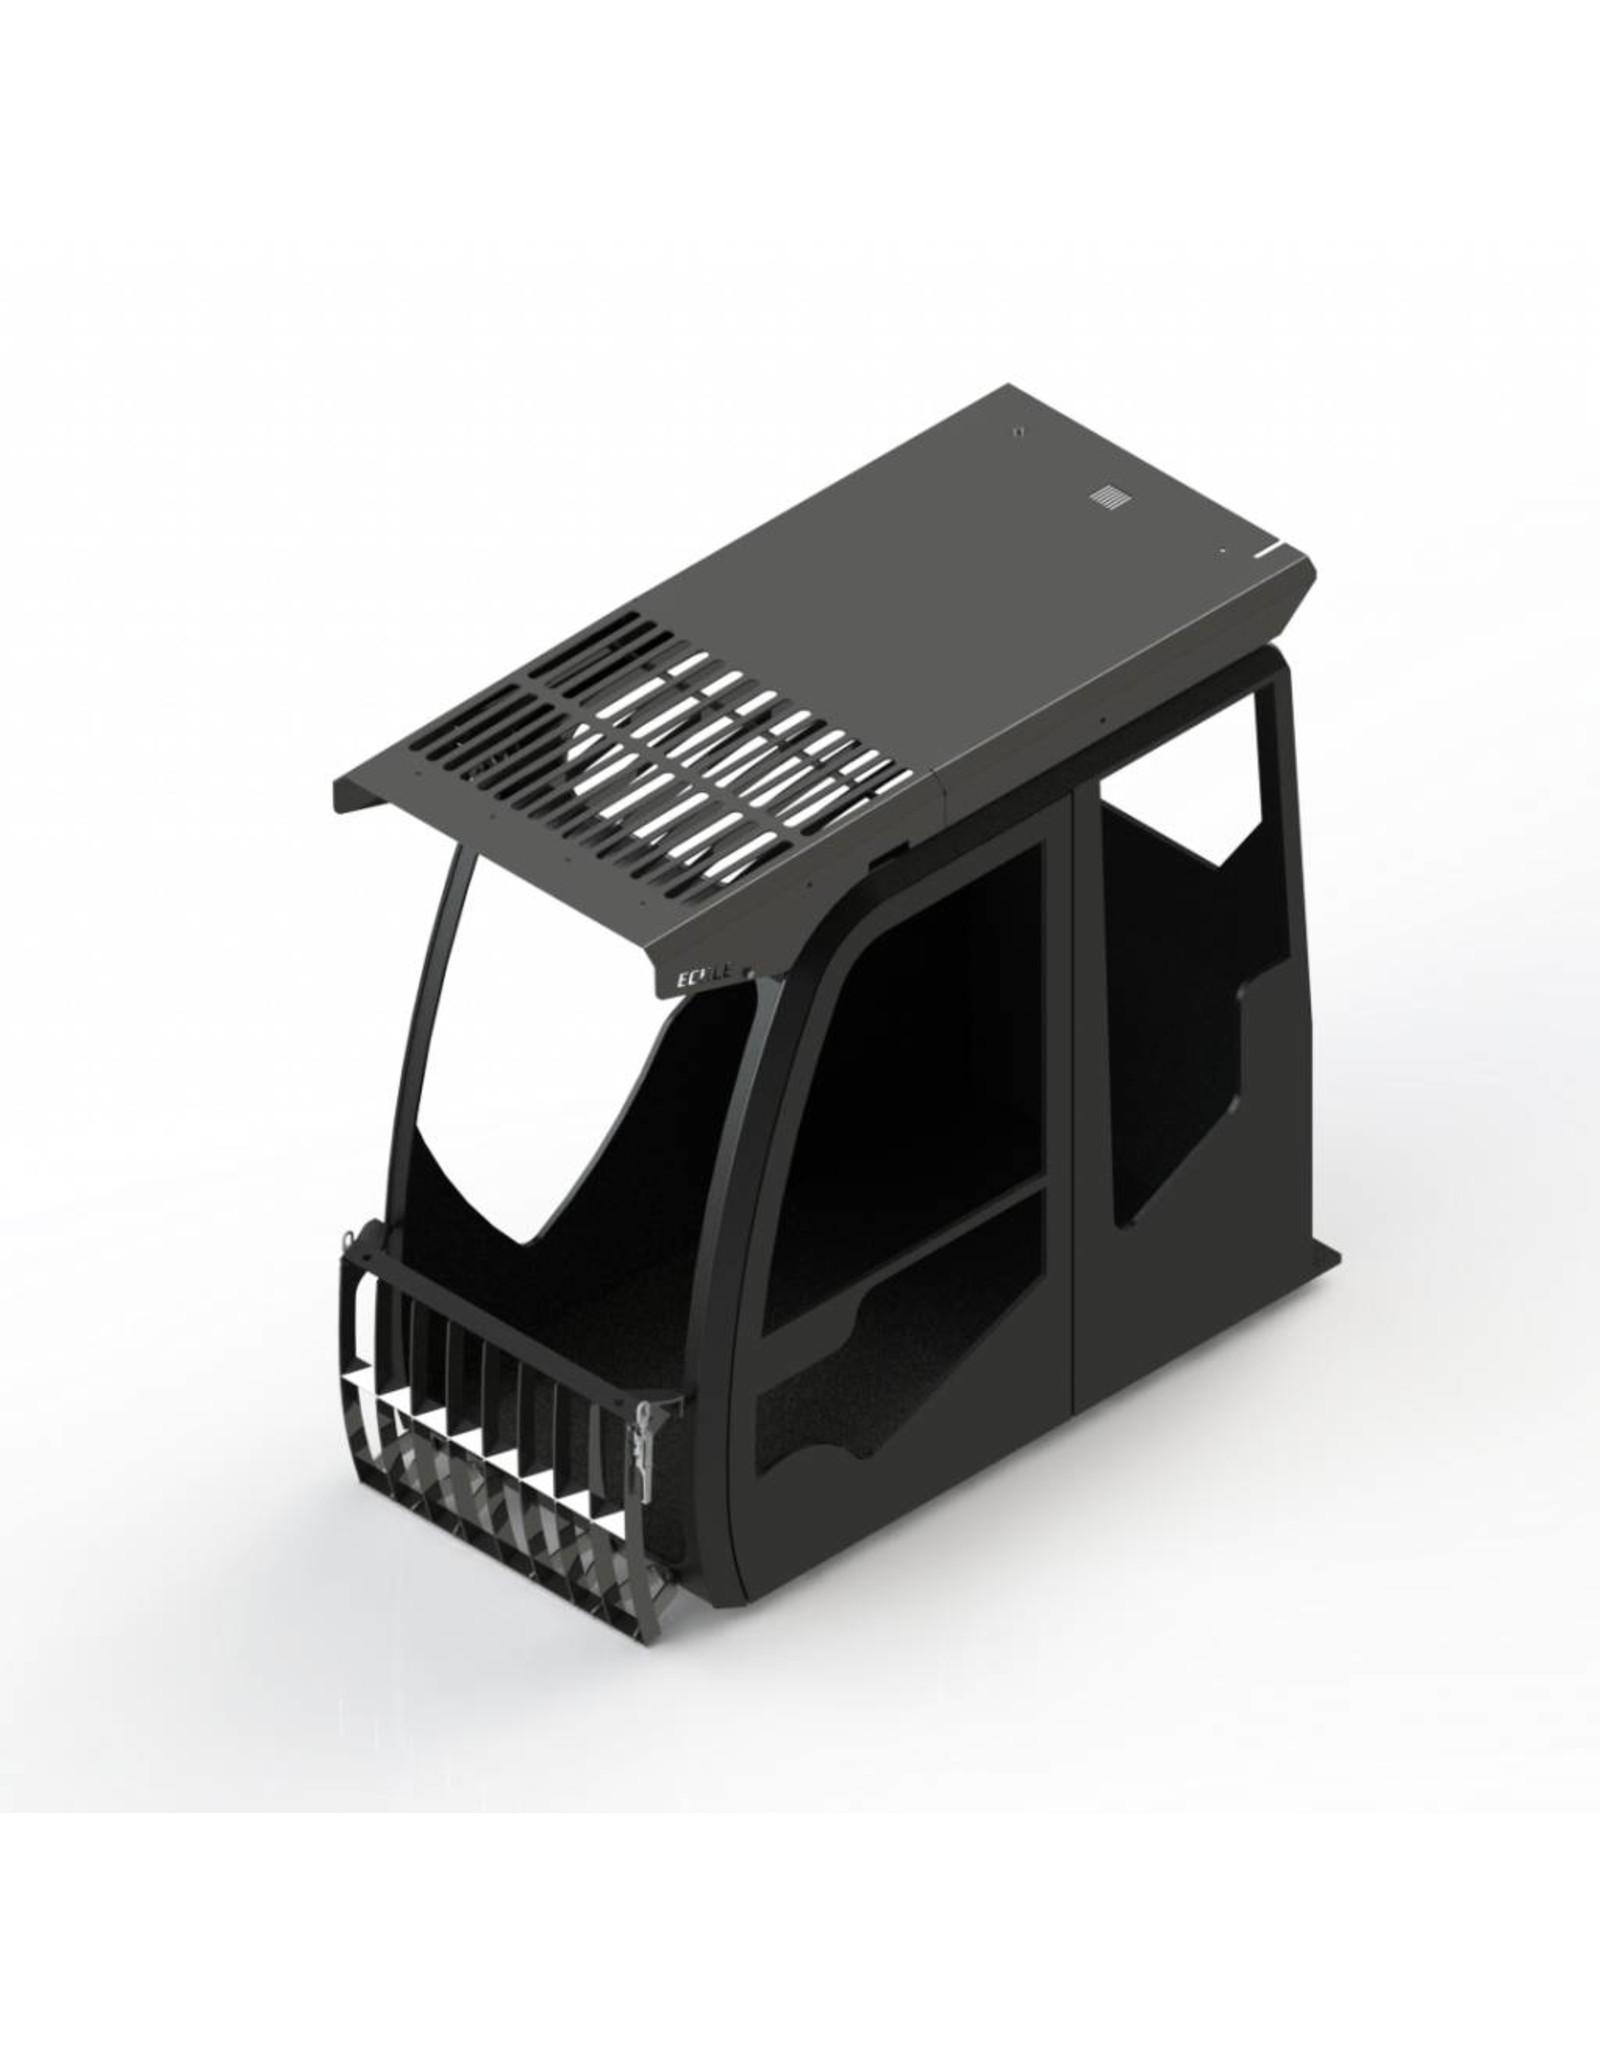 Echle Hartstahl GmbH FOPS für Doosan DX235LCR-5